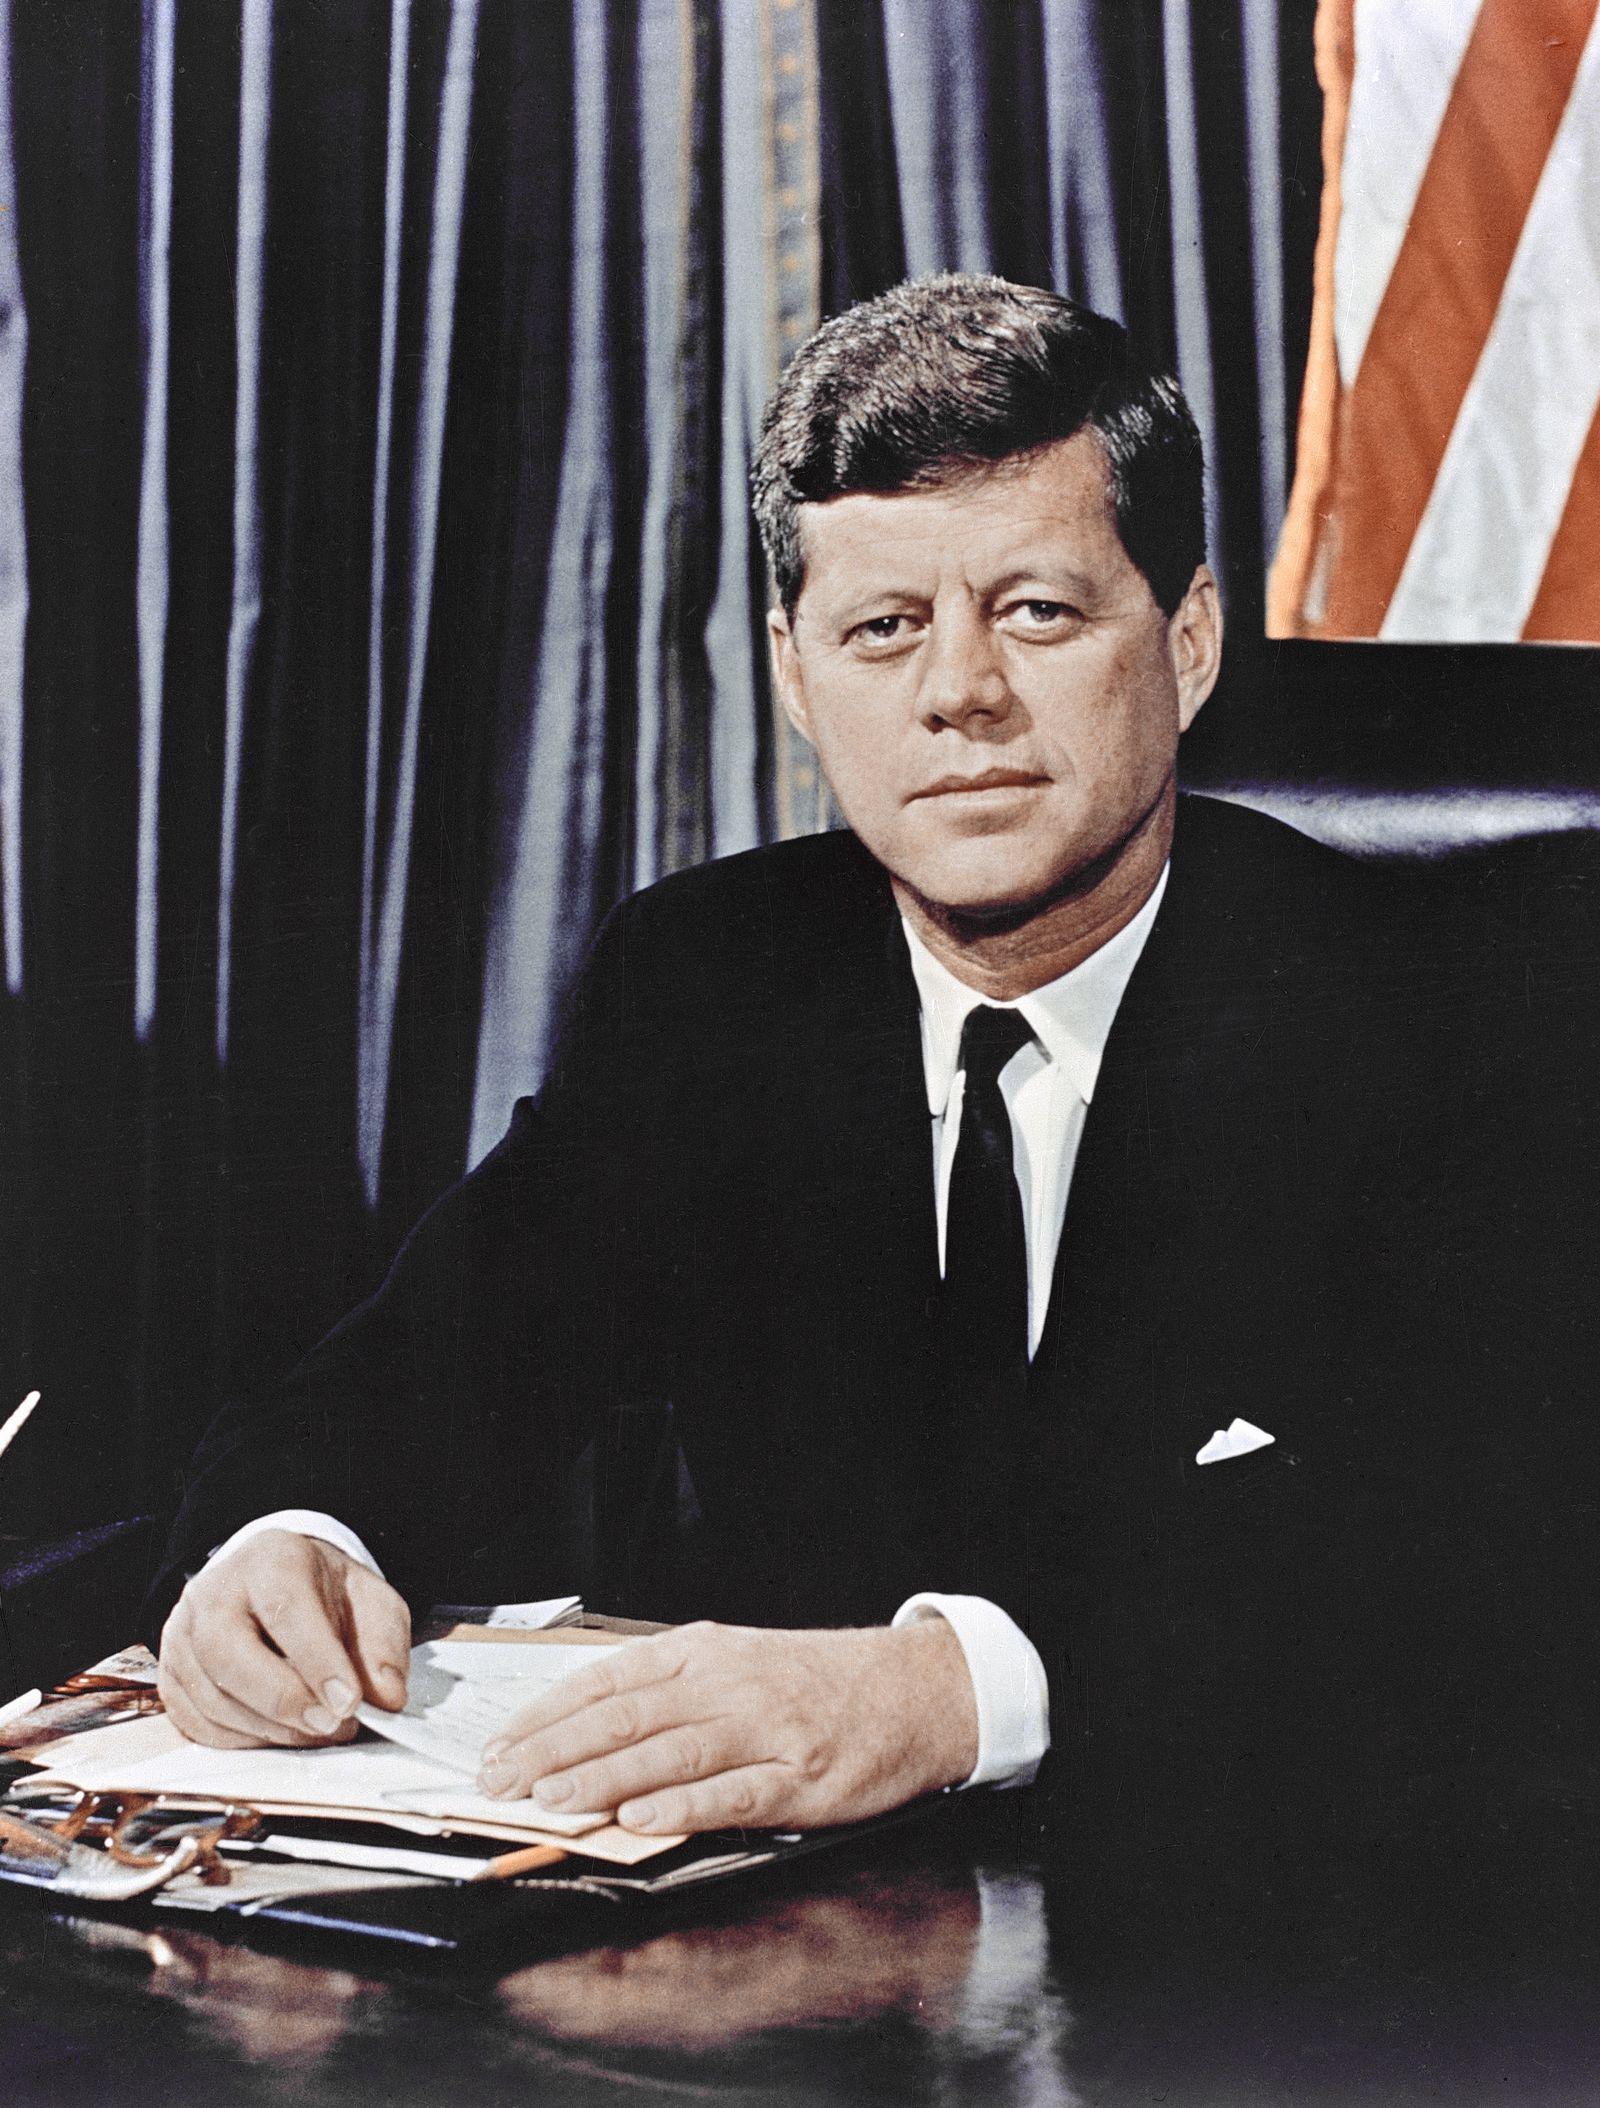 Für Flash/ 35th President John F. Kennedy